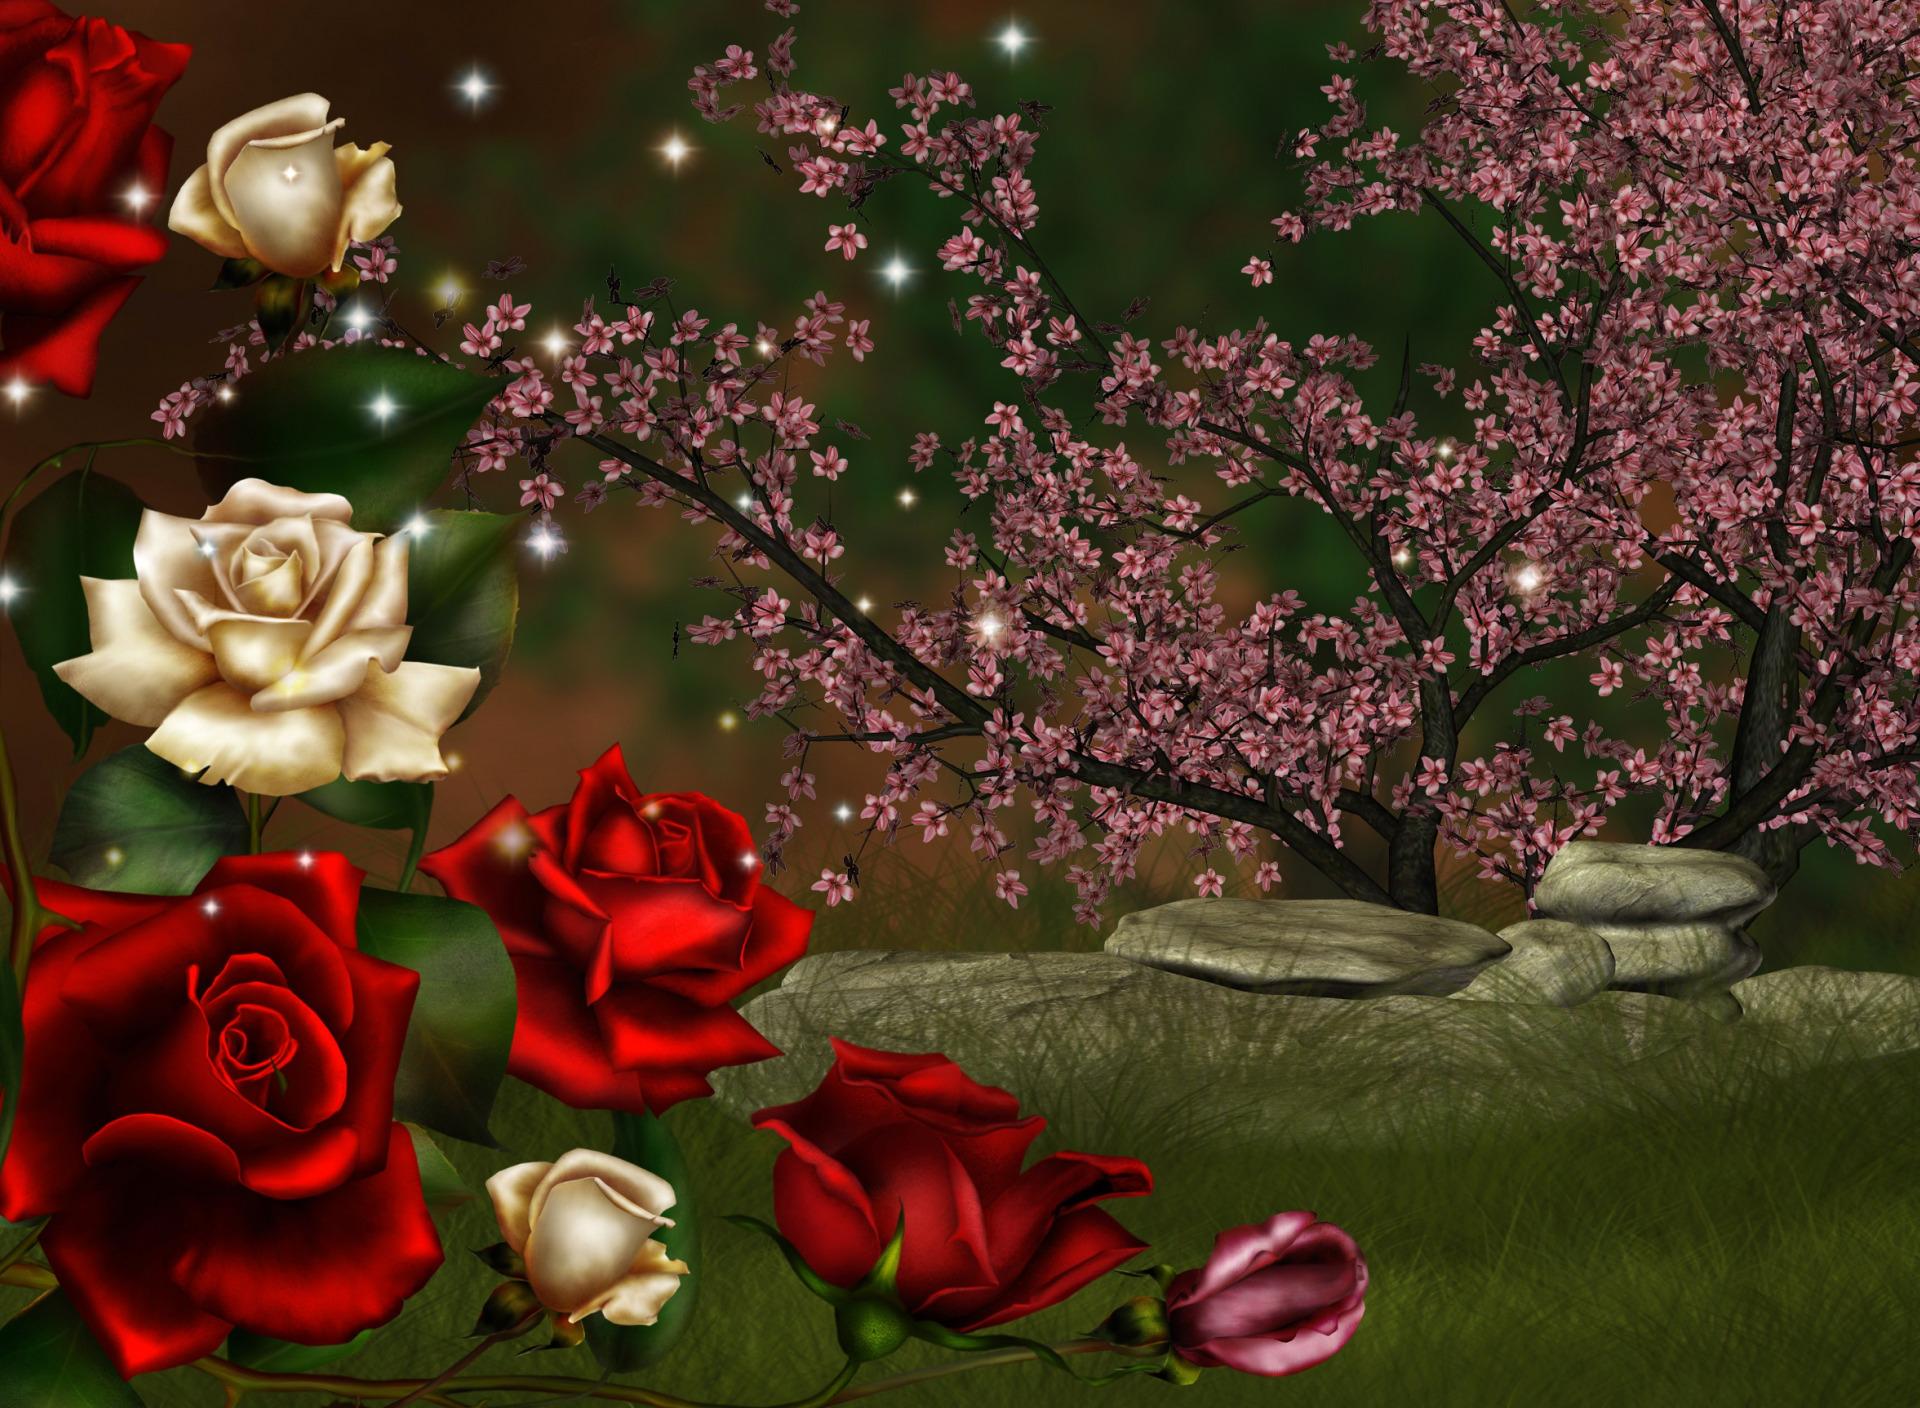 загорелые картинки на телефон красивые живые обои розы надхвостьехотя